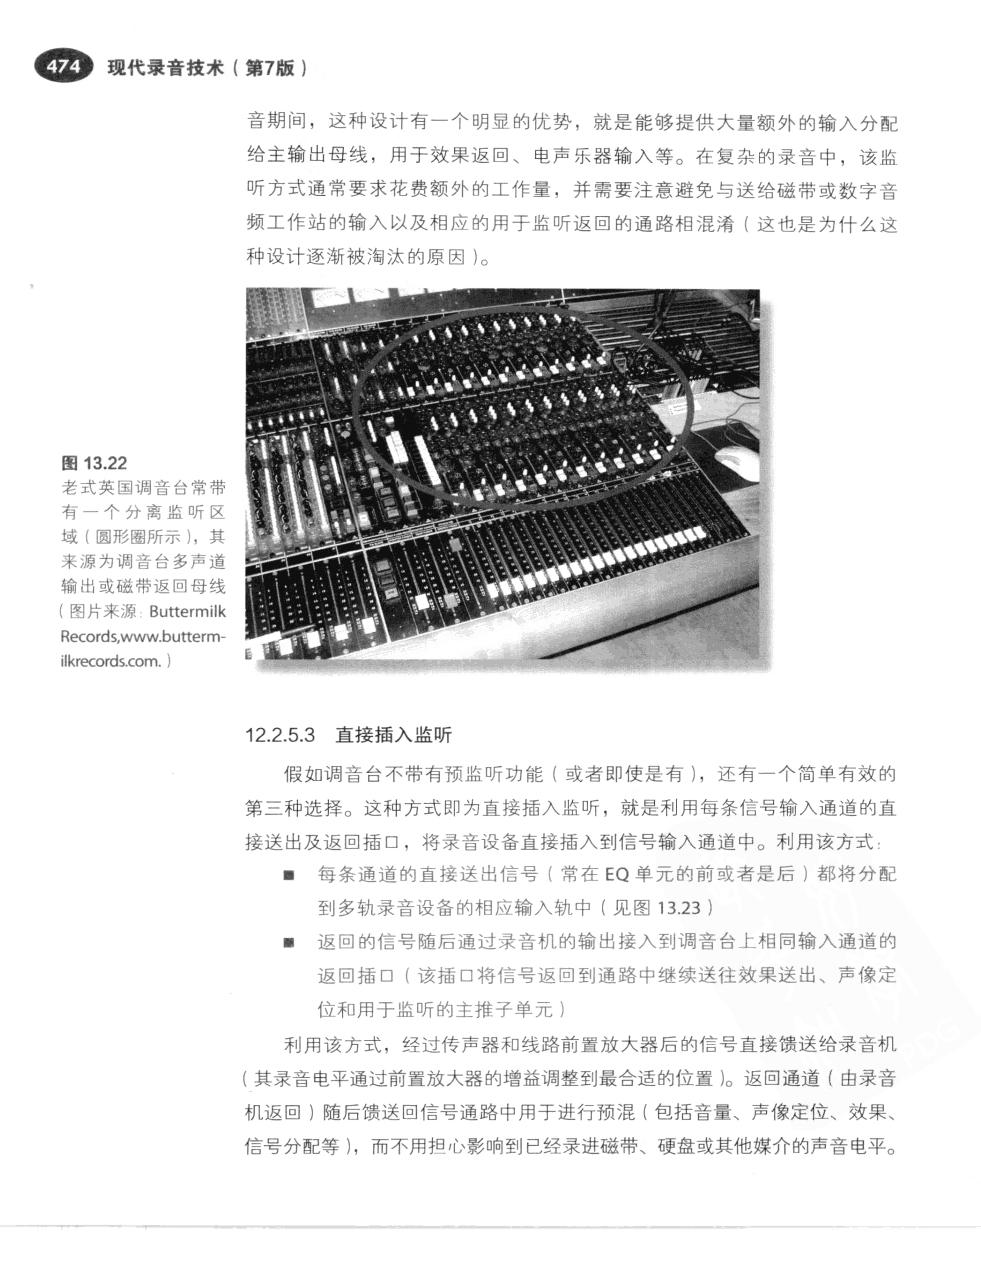 现代录音技术(第7版) 501